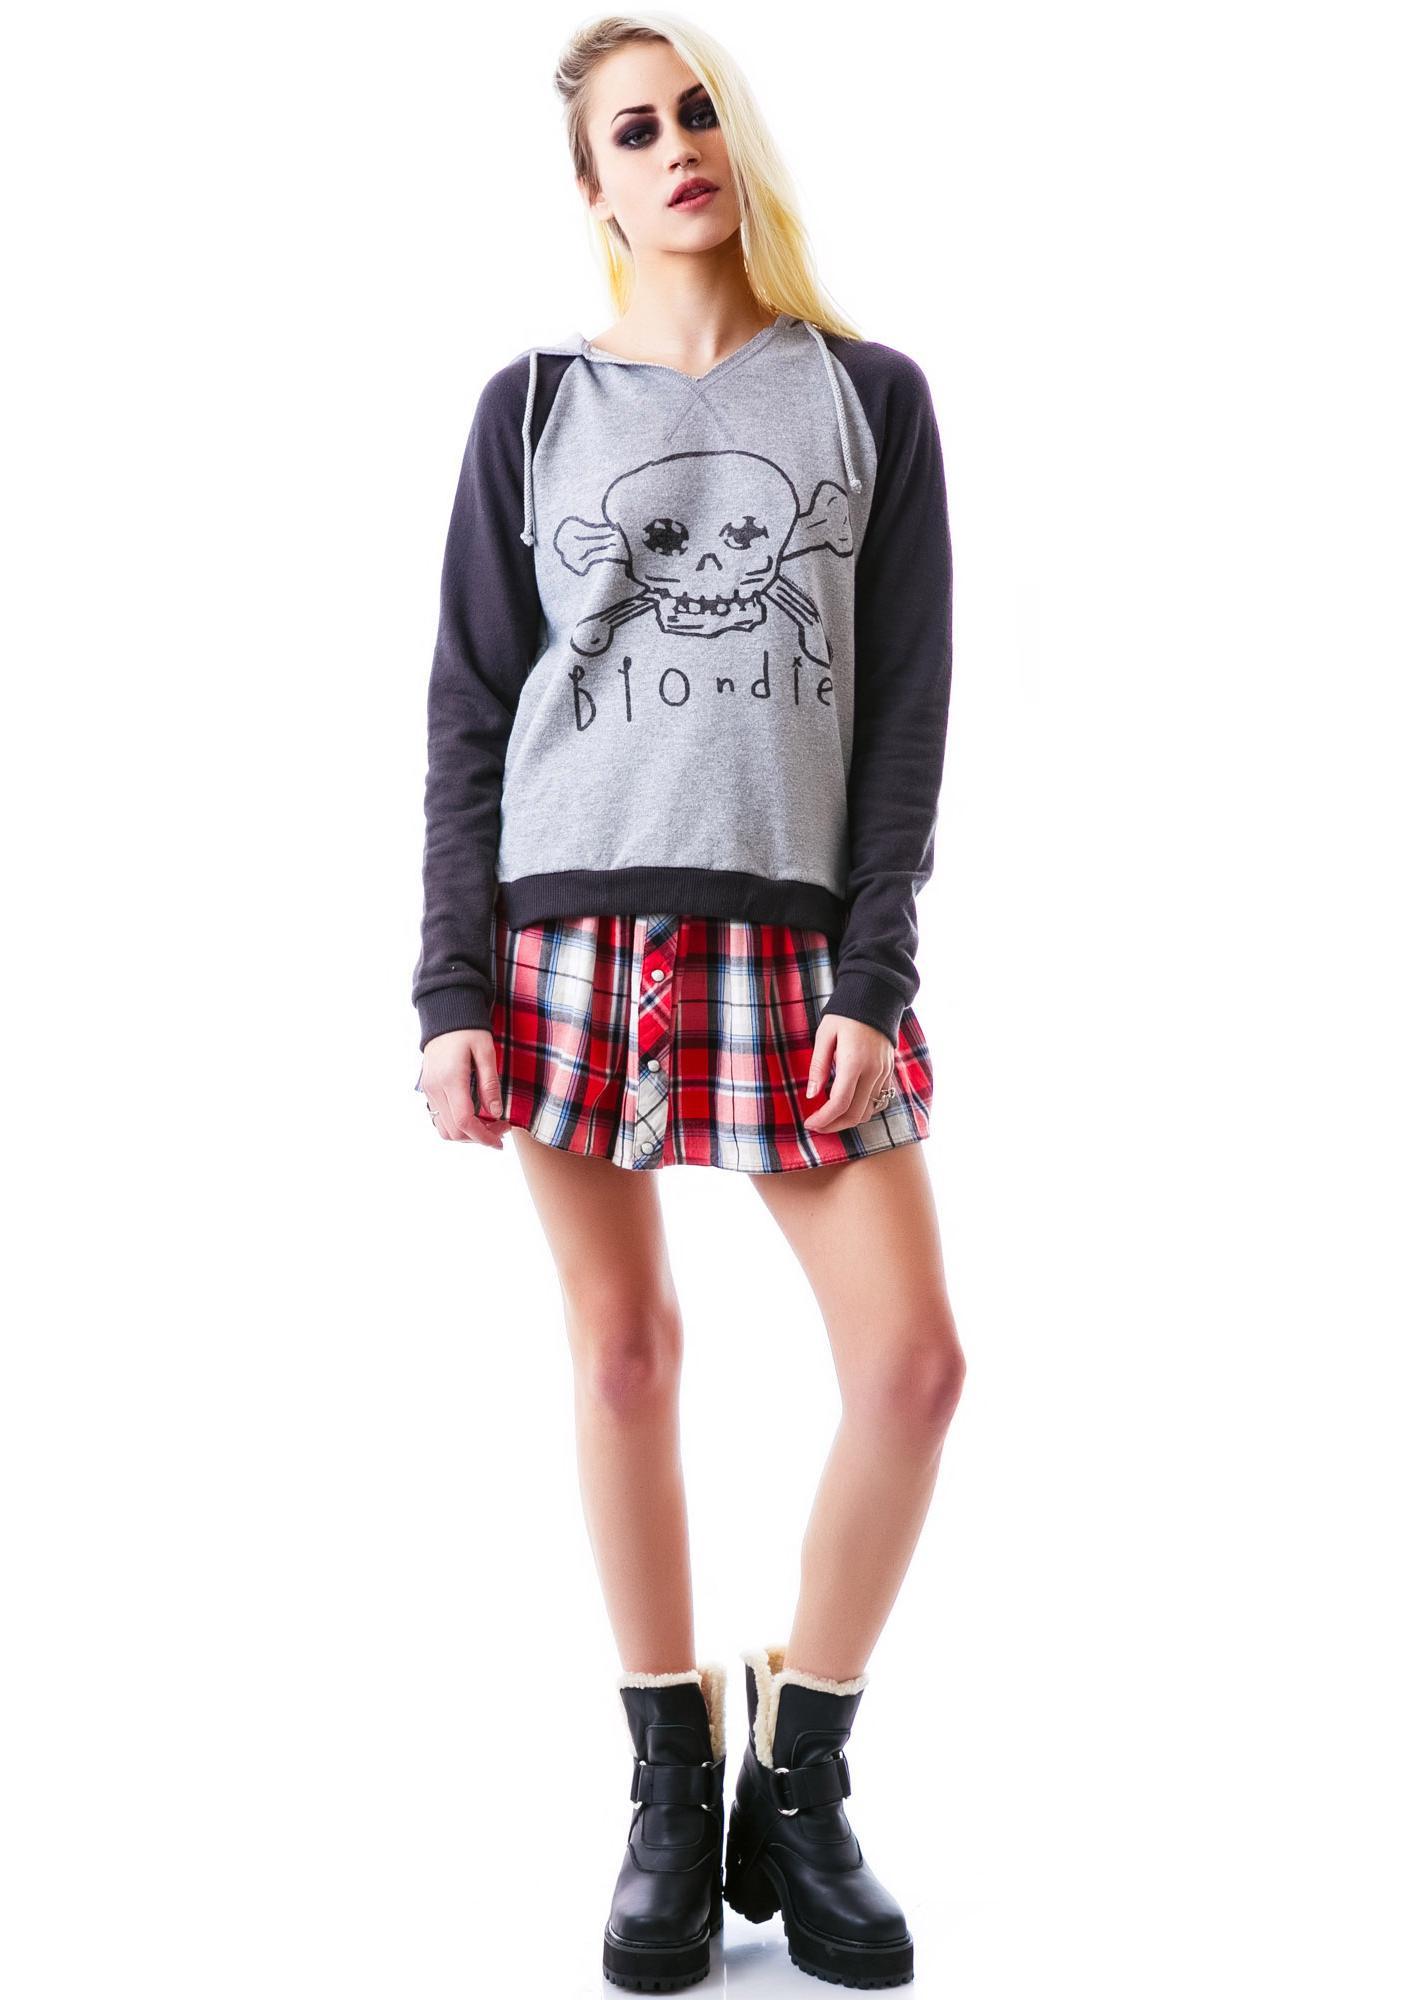 Junk Food Clothing Blondie Pullover Sweatshirt